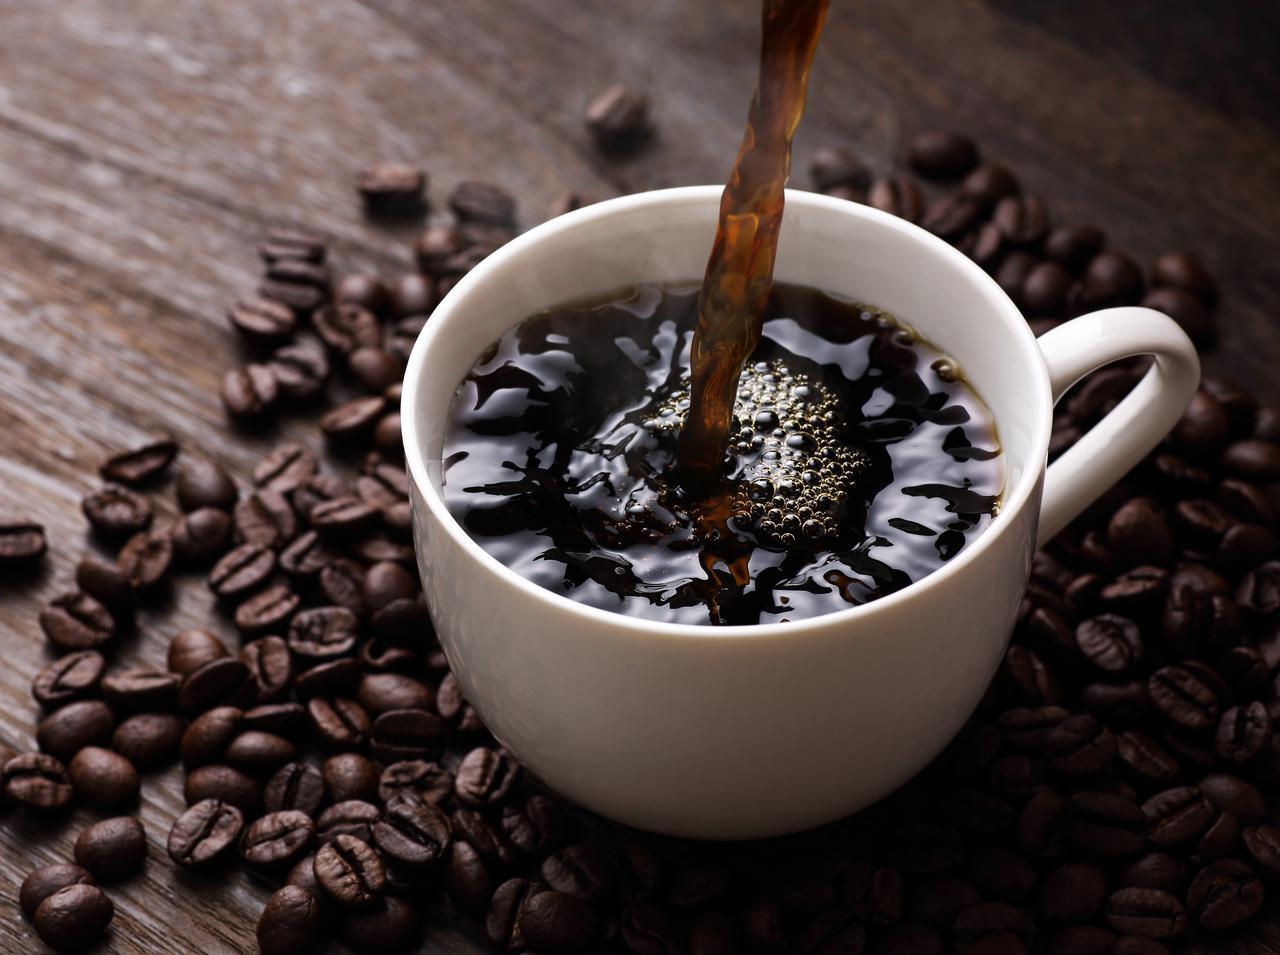 画像: 捨てるはずのコーヒーかすからつくる美容製品